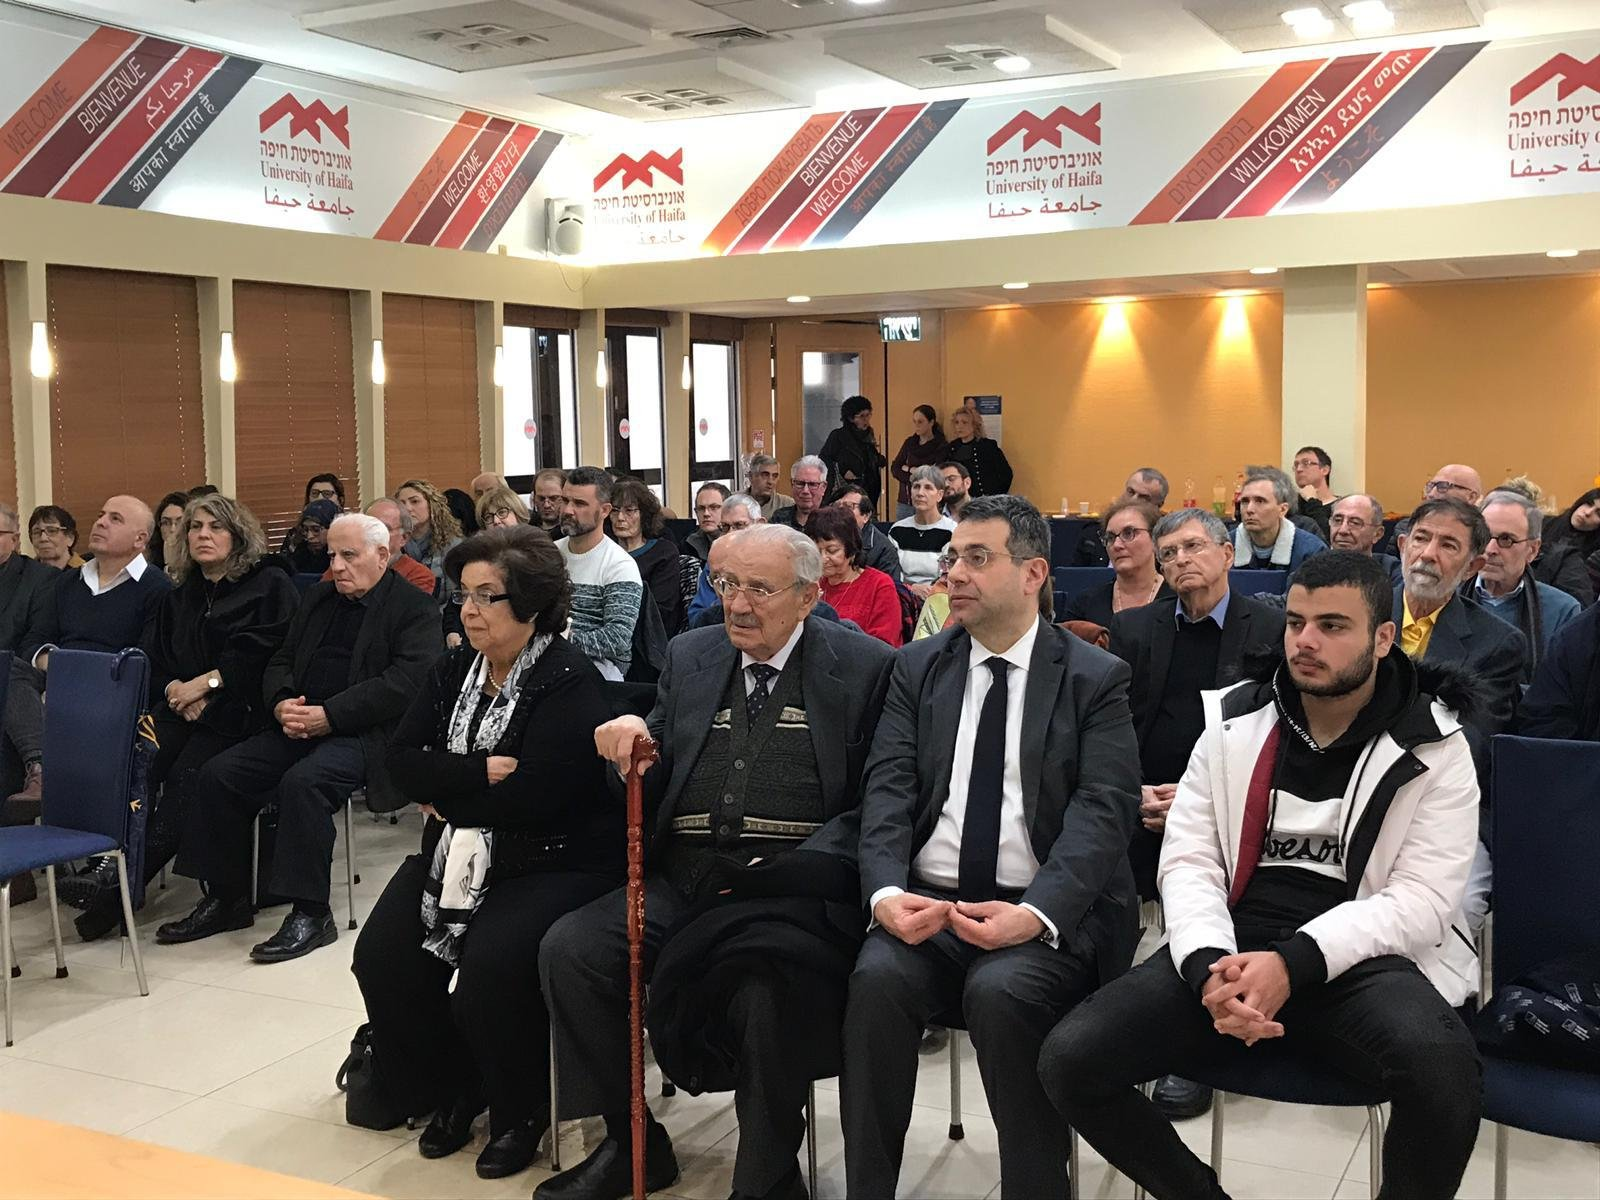 يوم دراسي في جامعة حيفا لذكرى مرور عام على رحيل البروفيسور بطرس أبو منّة